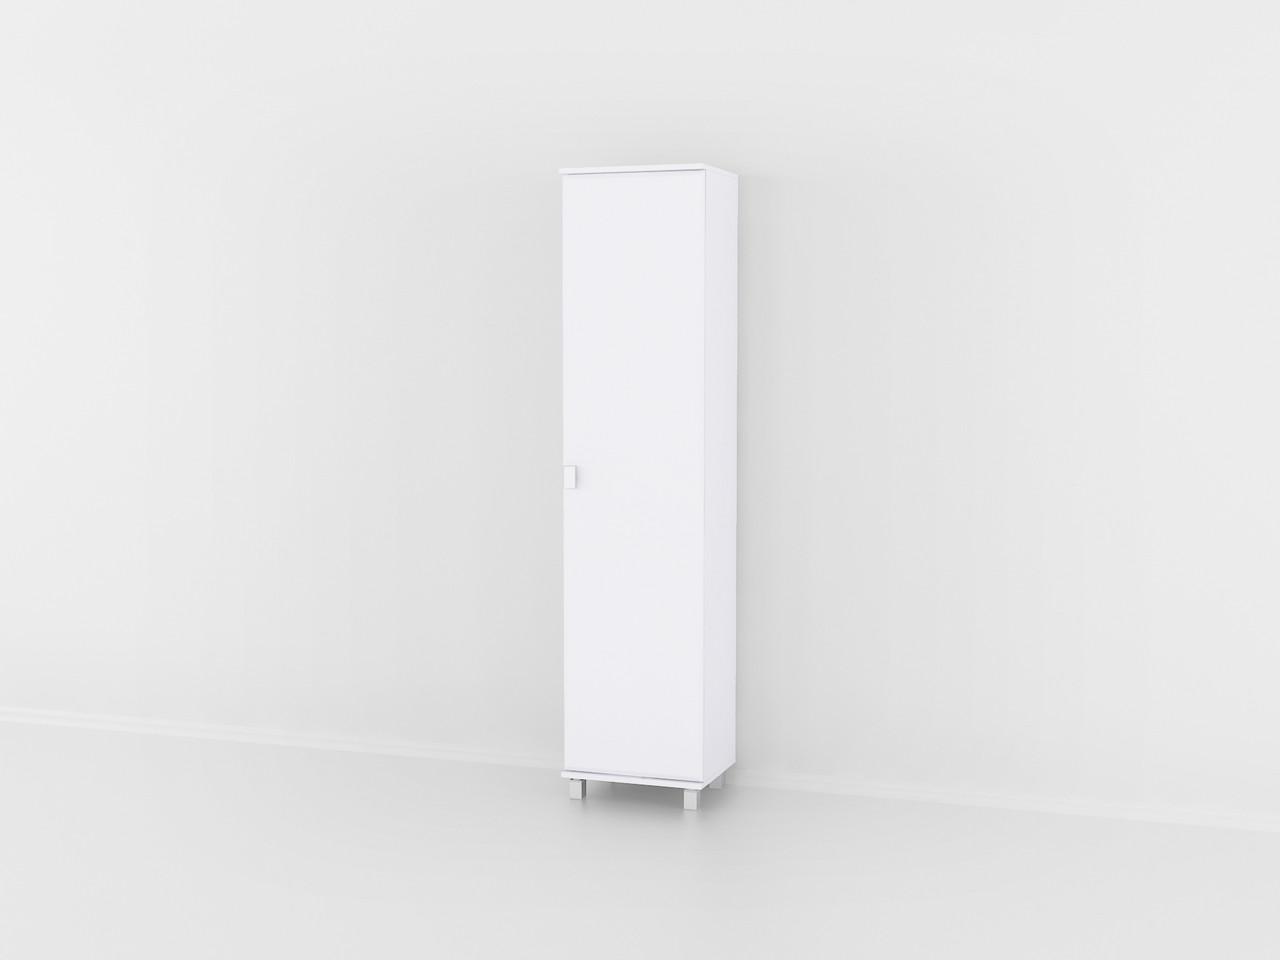 Шкаф для одежды одиночный на ножках в гостинную из МДФ. Код: Ш-1466